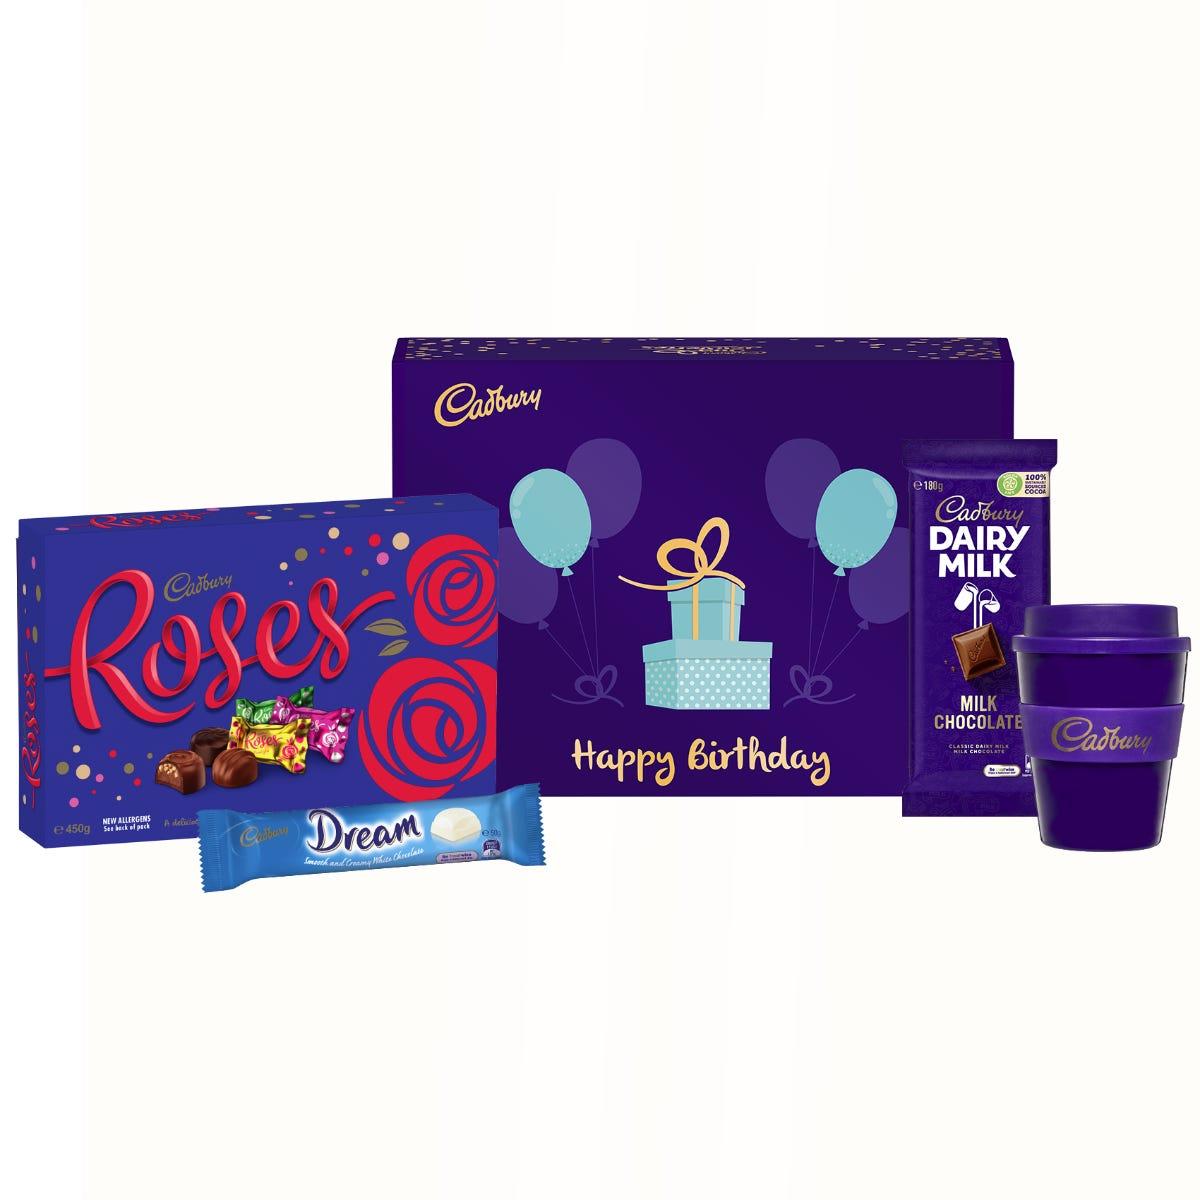 Cadbury Roses gift pack - Happy Birthday